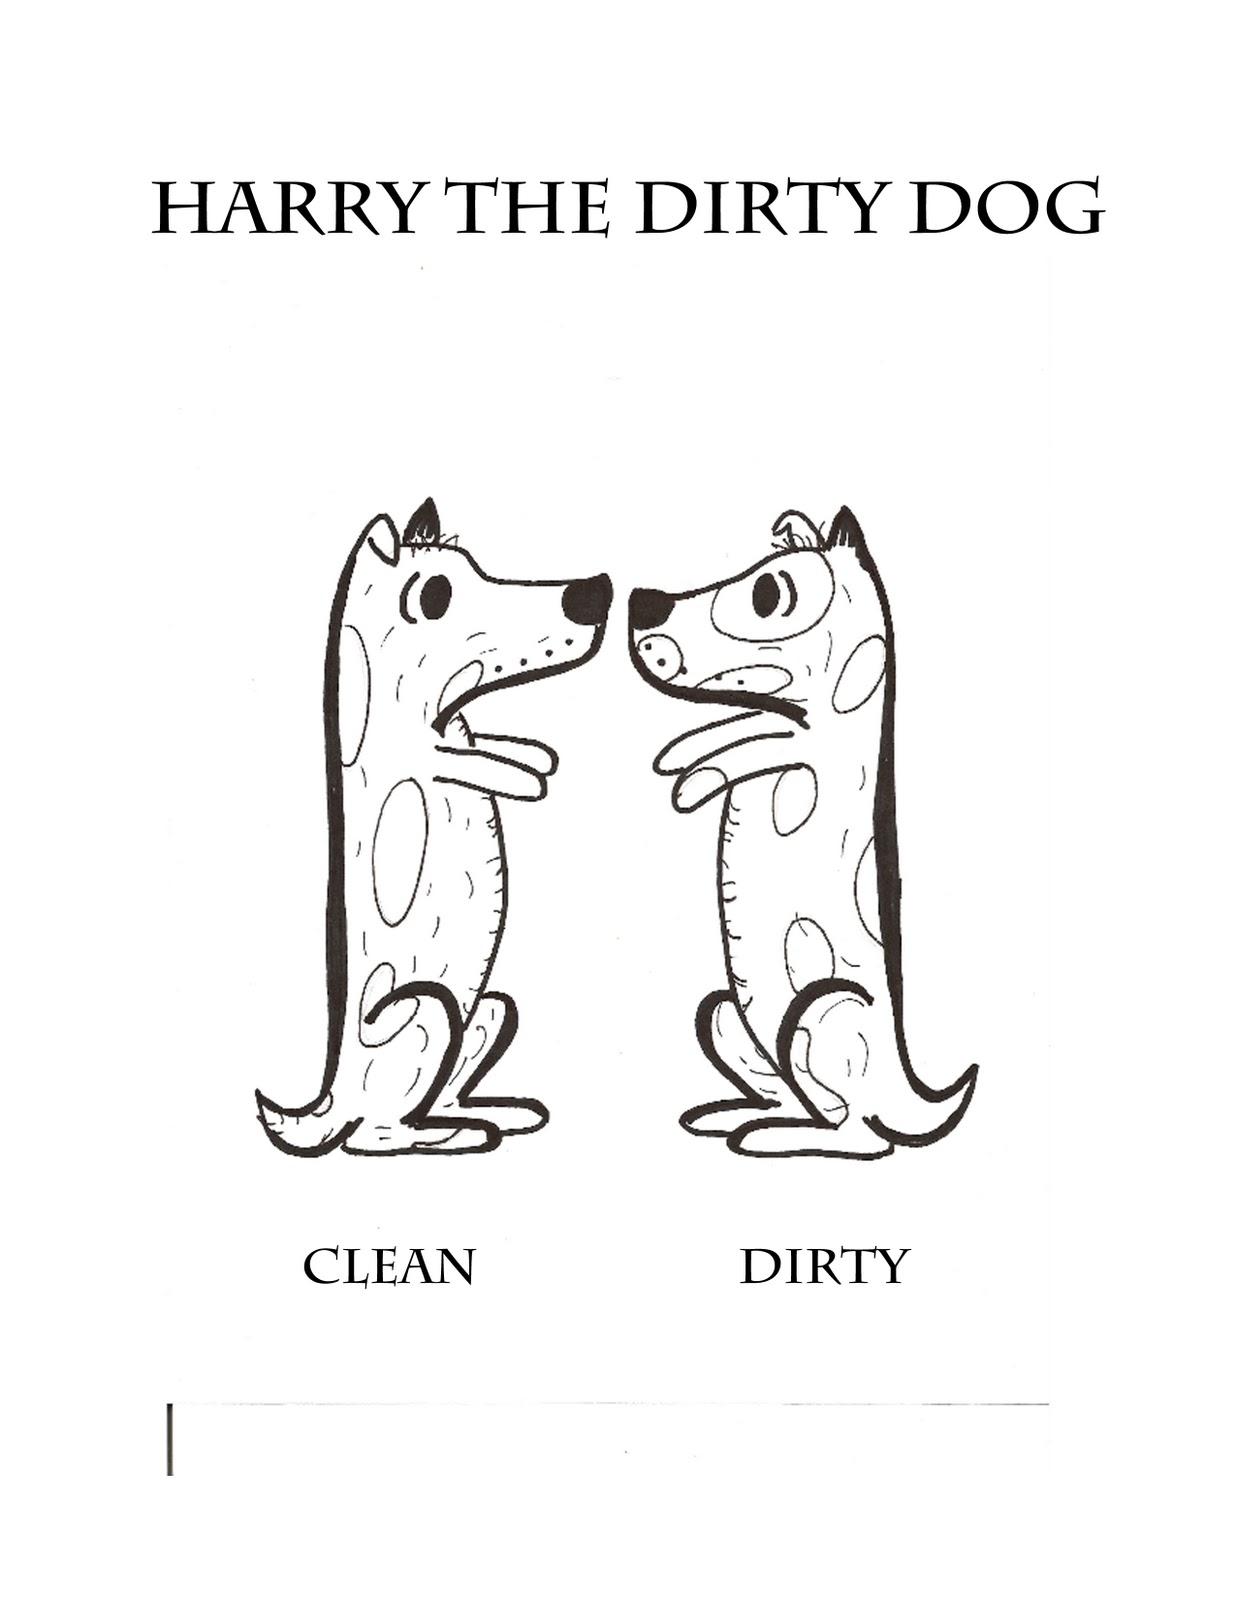 I Heart Art Harry The Dirty Dog